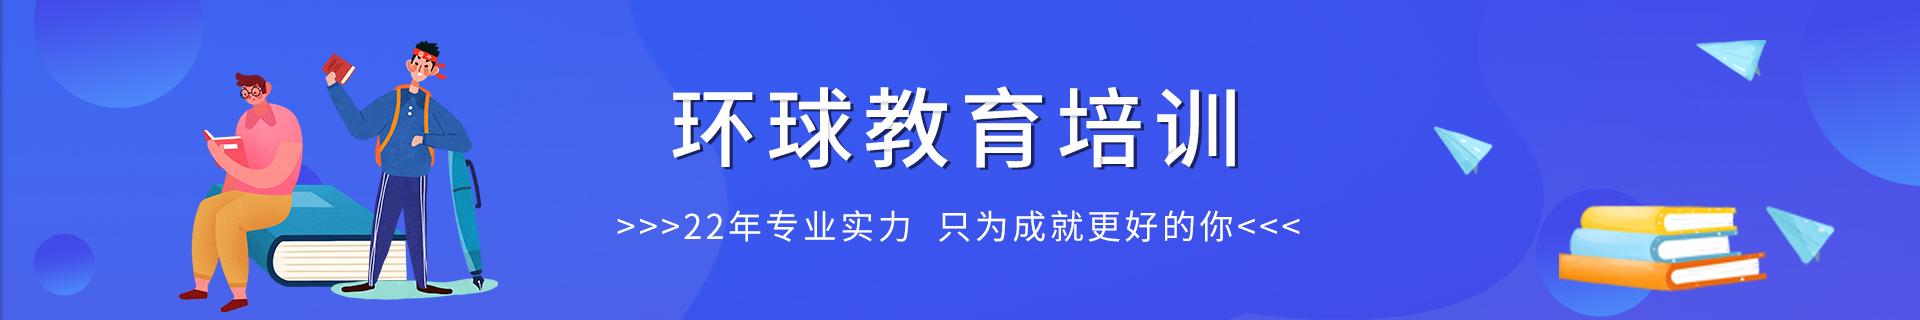 滨州滨城区博大书城环球教育培训机构